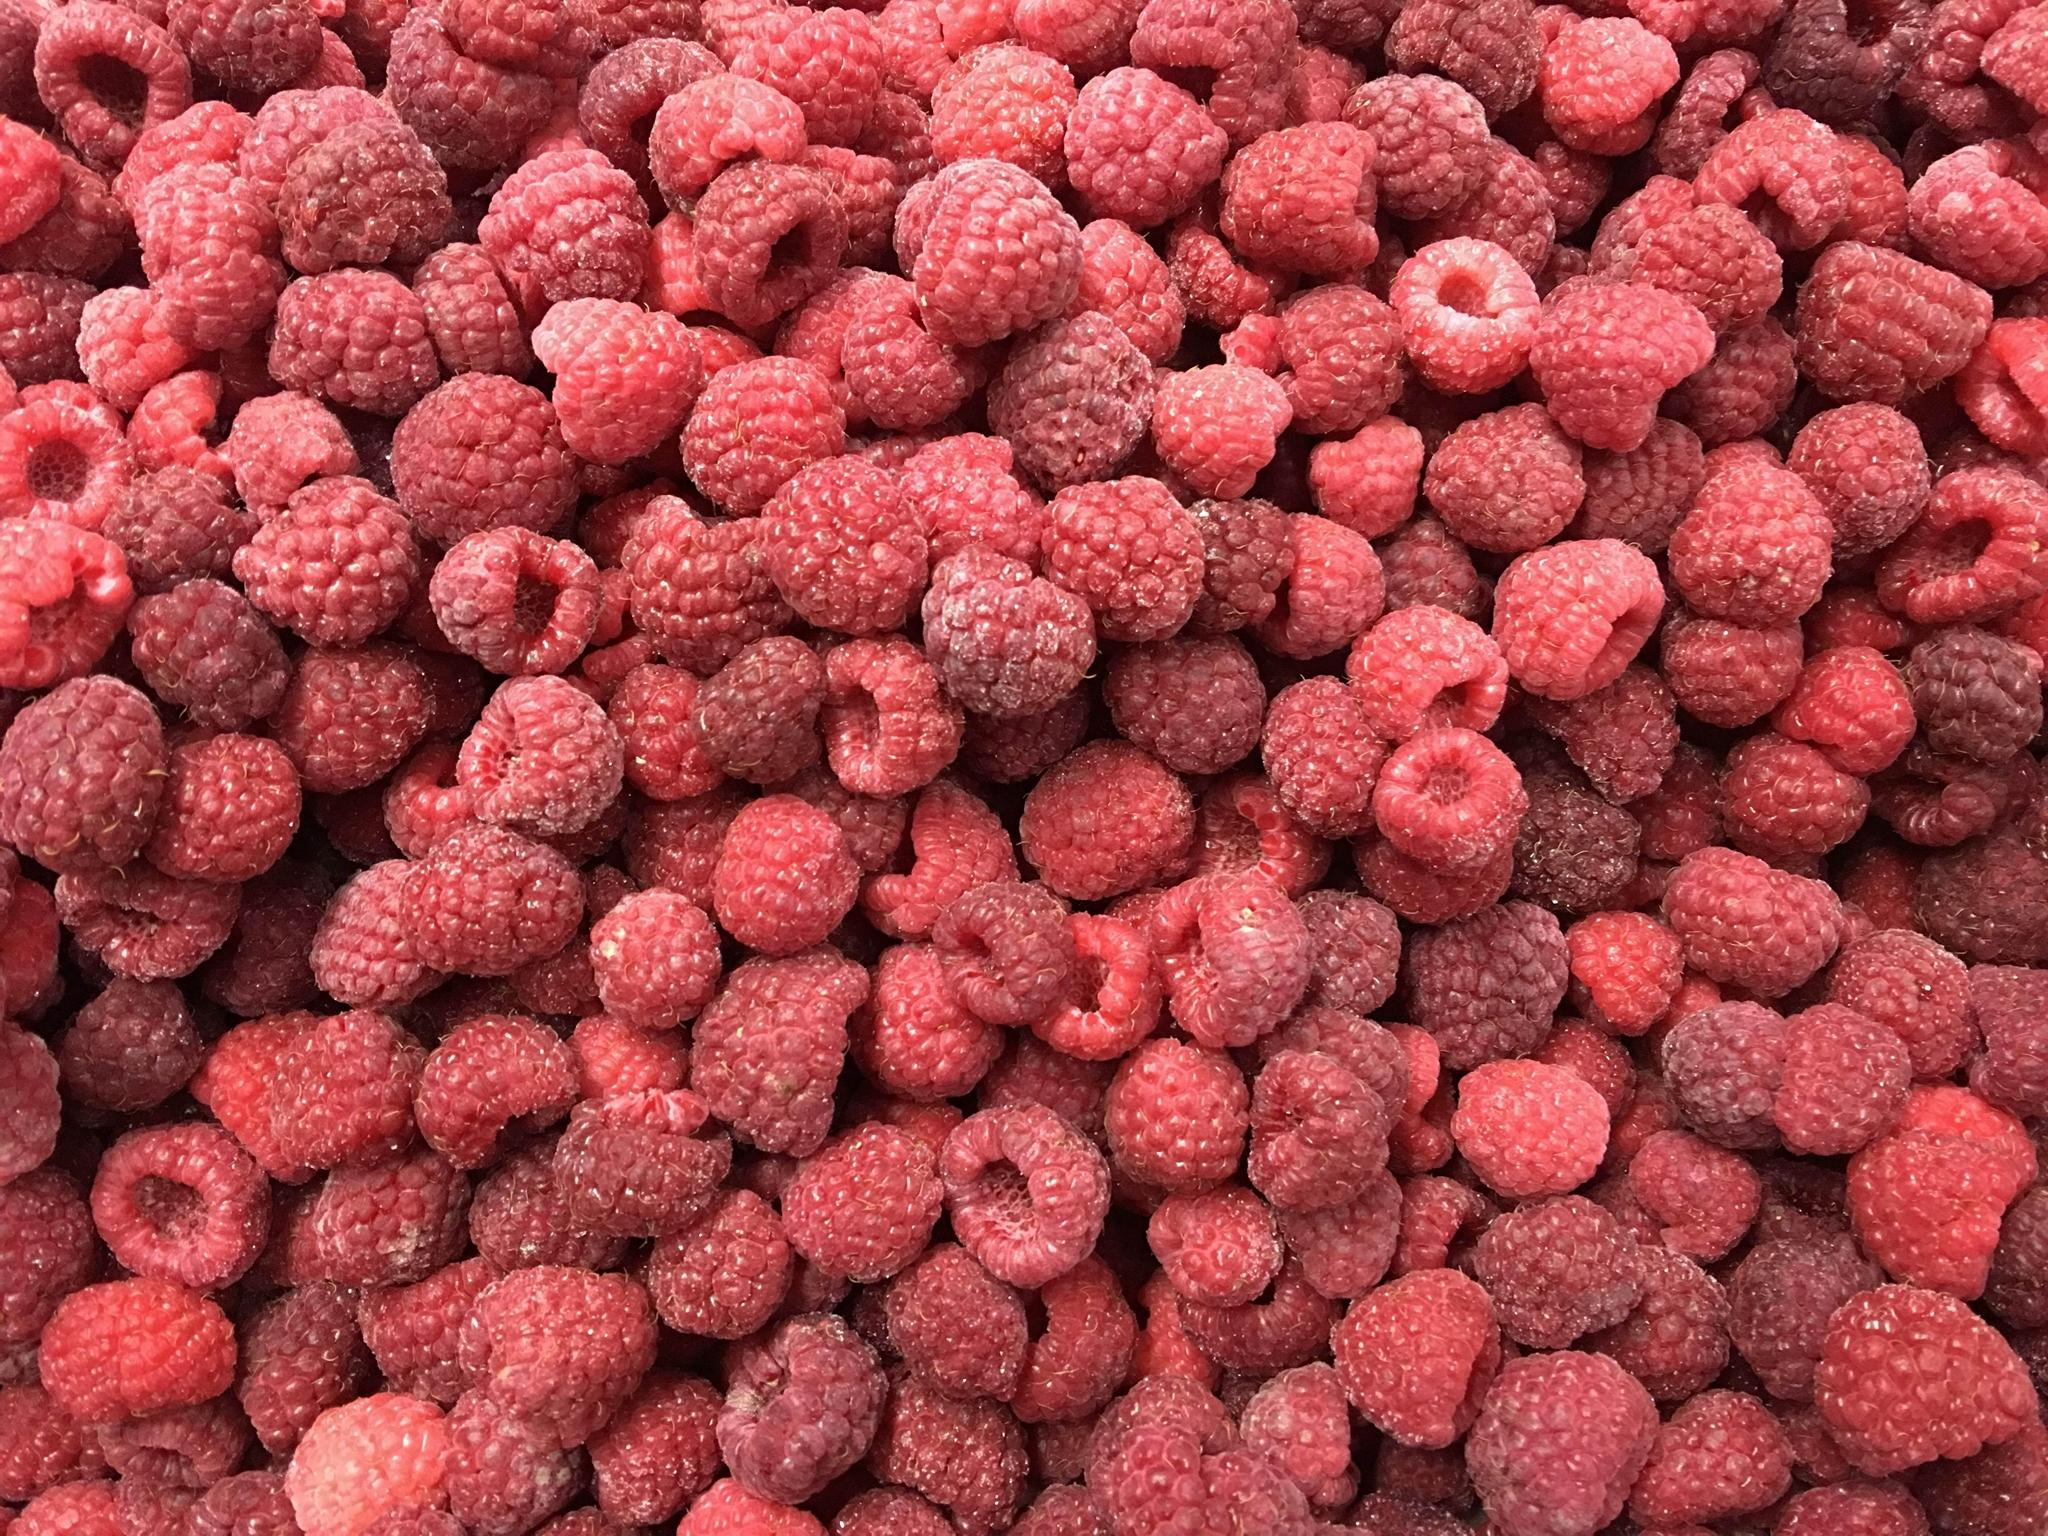 冷凍樹莓,速凍樹莓 1